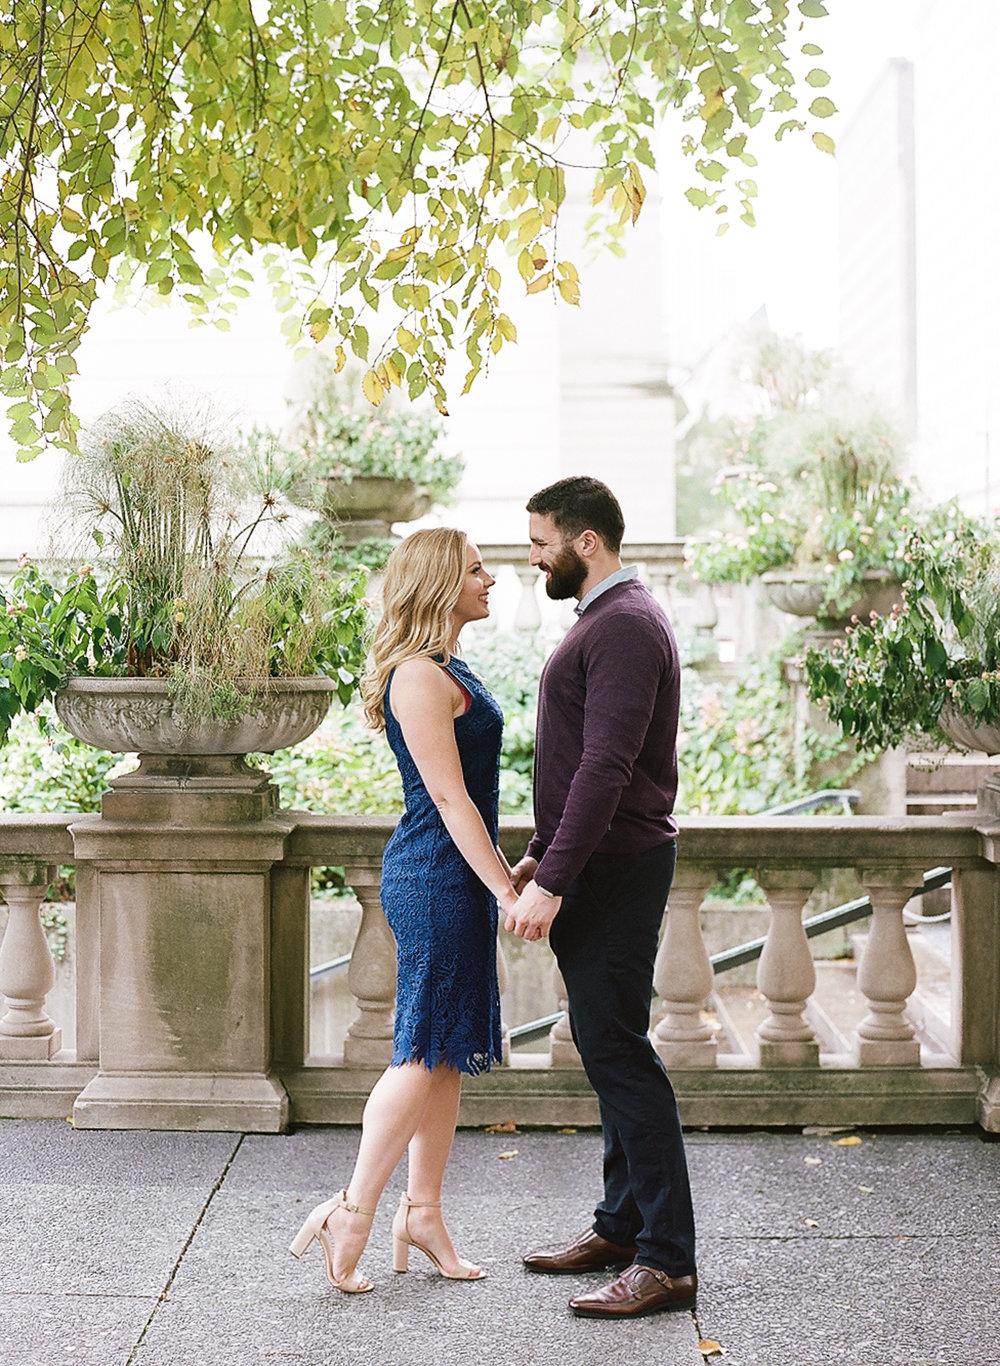 Bonphotage Chicago Fine Art Wedding & Engagement Photography